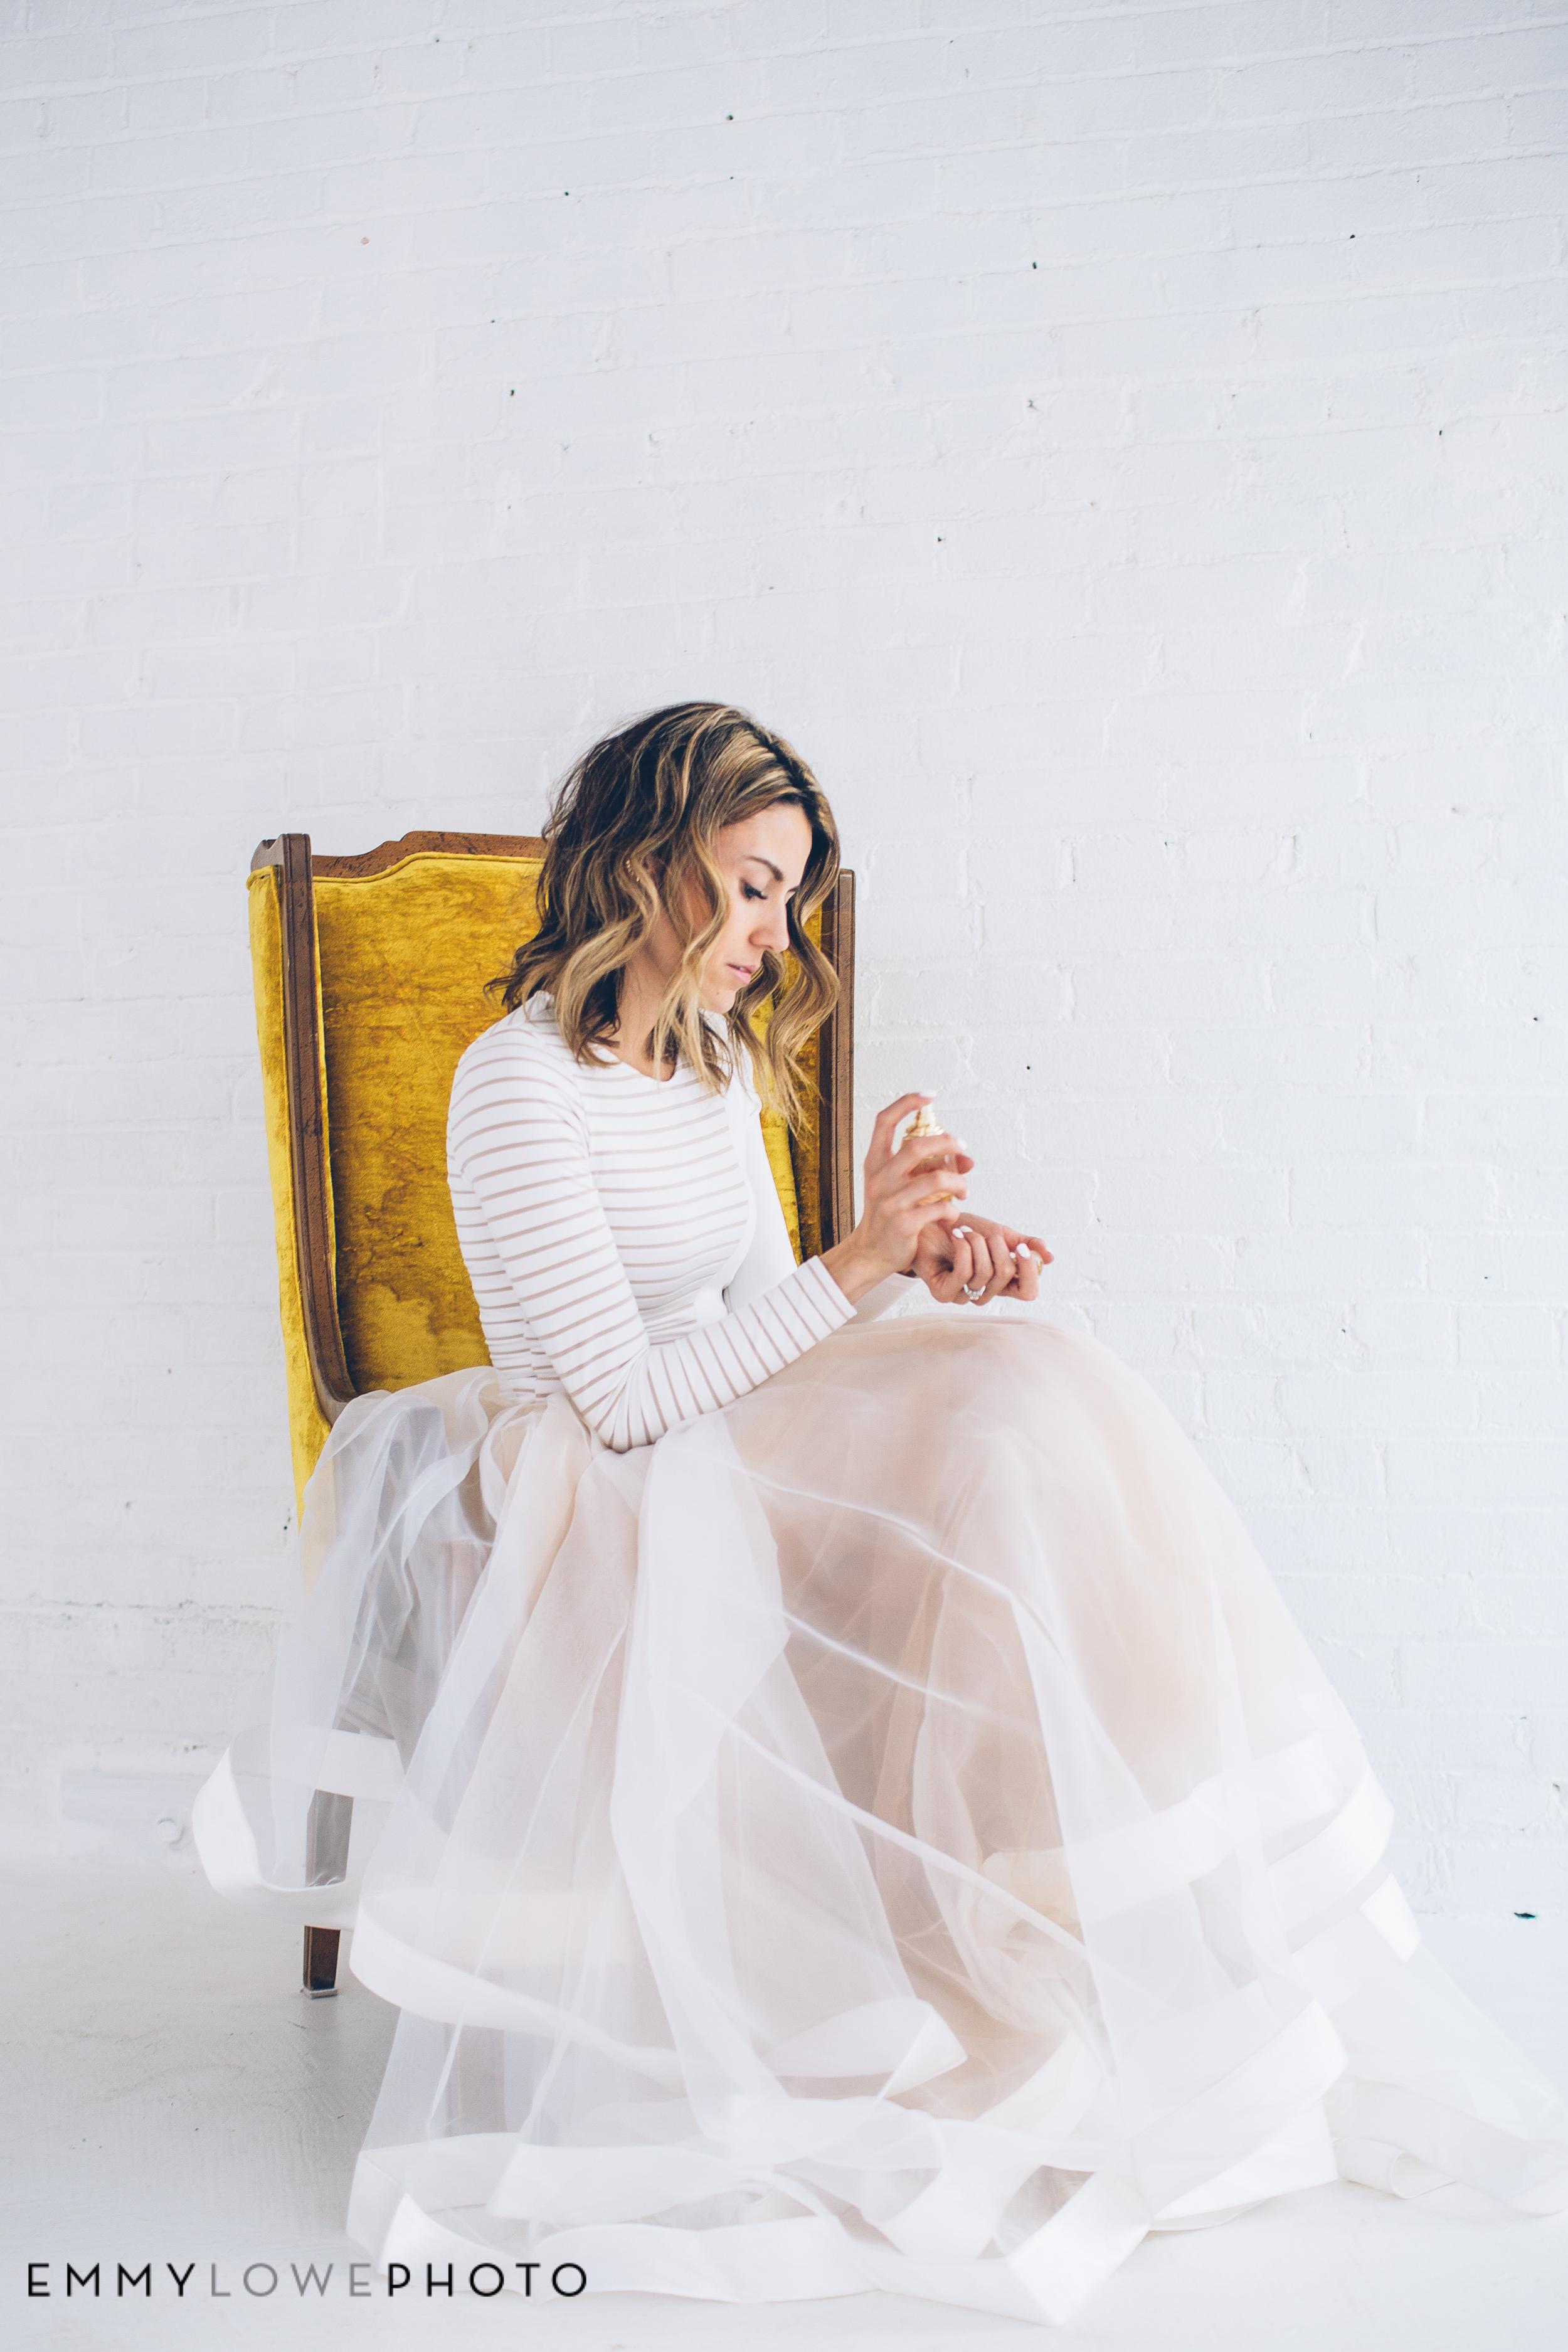 EmmyLowePhotoHelloFashionDiorSaltLakeCityUtahPhotographer